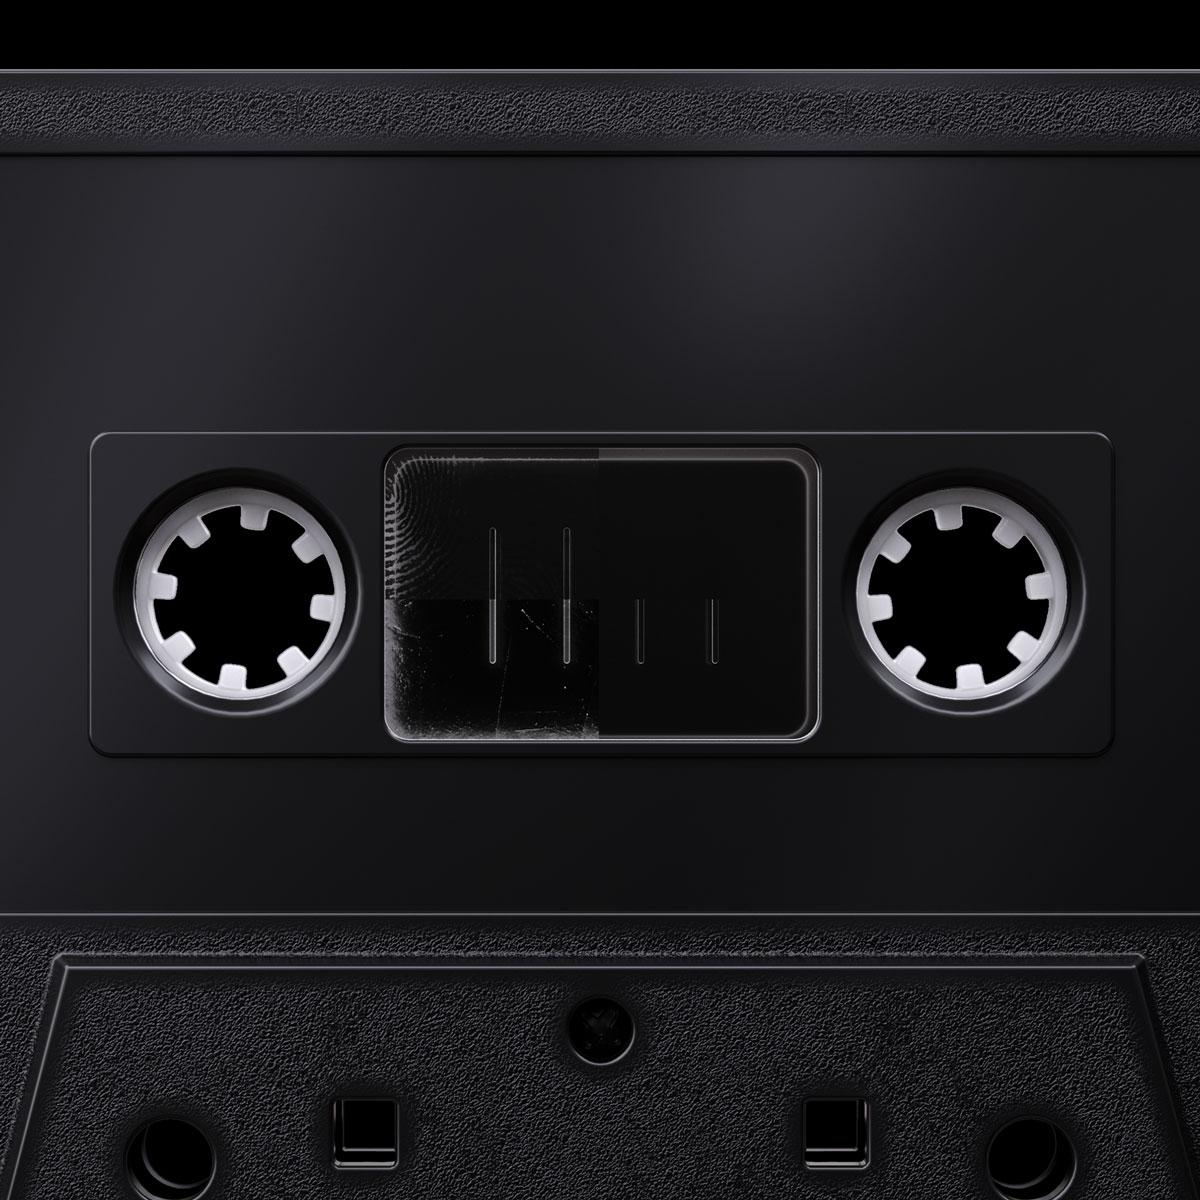 [淘宝购买] 潮流复古盒式磁带录音带设计智能贴图展示样机模板 Undead's Mix '80插图(6)